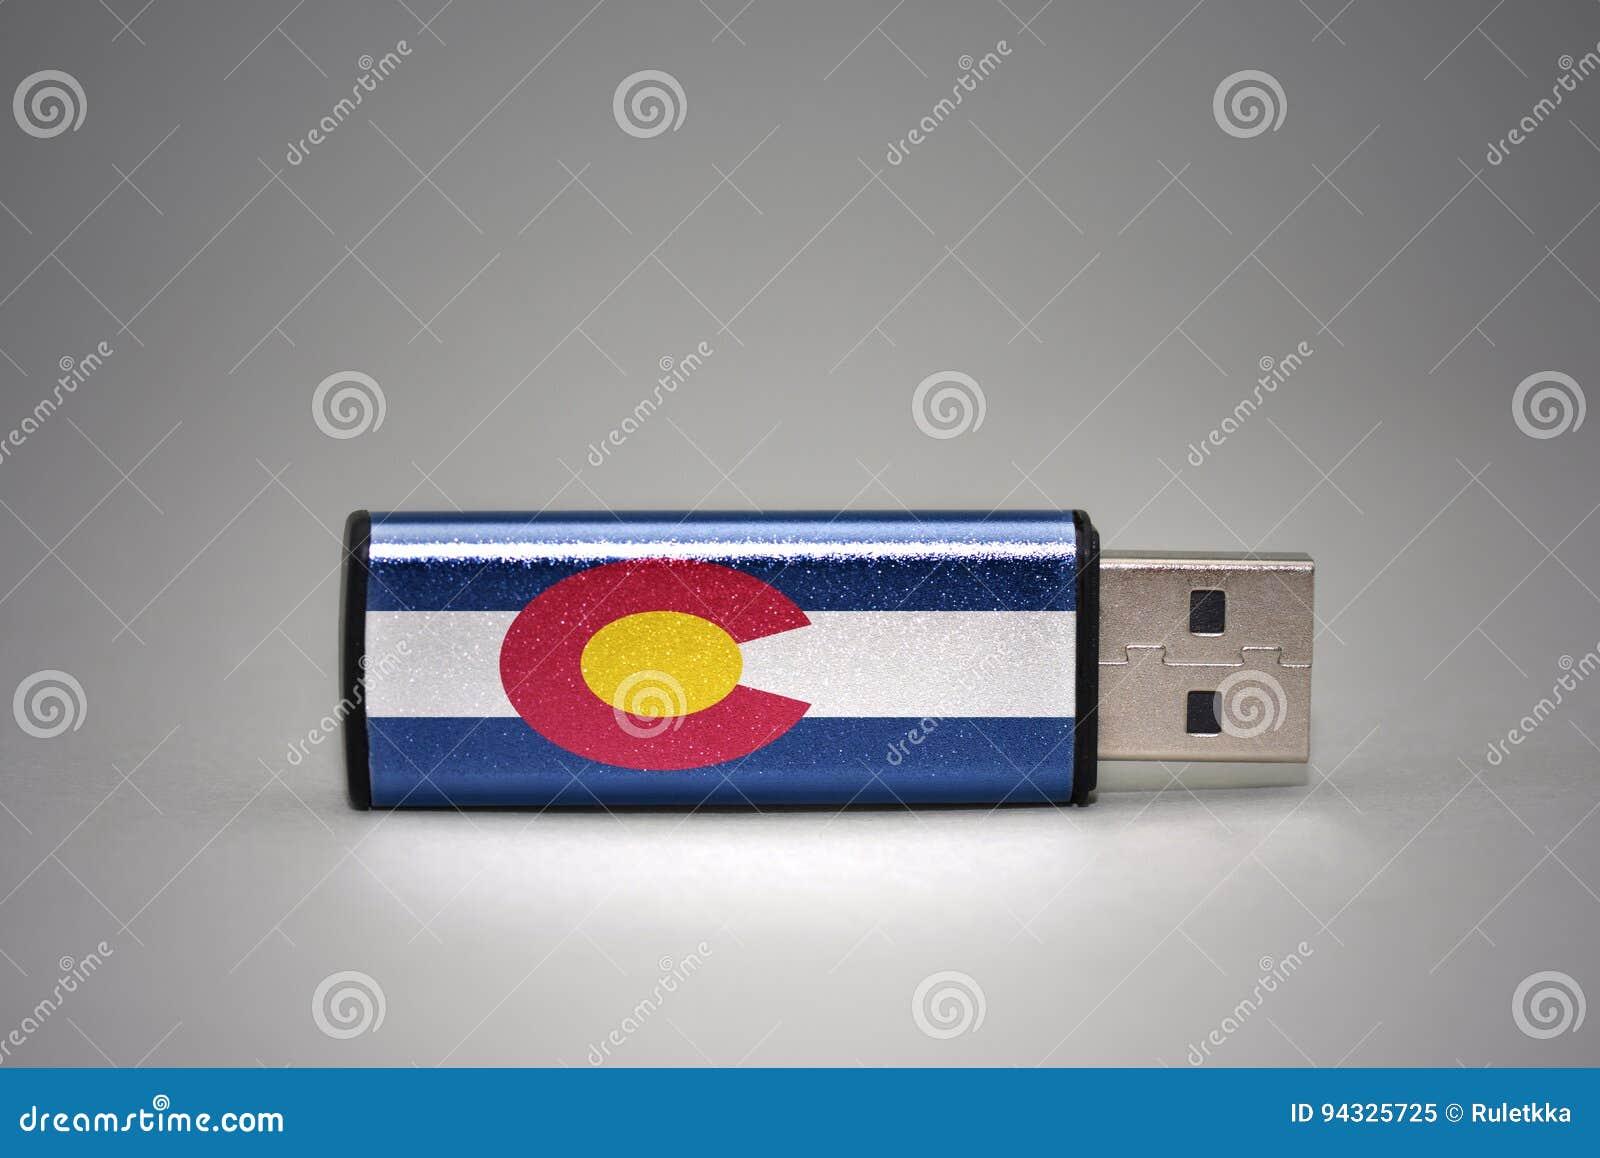 Chiavetta USB con la bandiera dello stato di colorado su fondo grigio